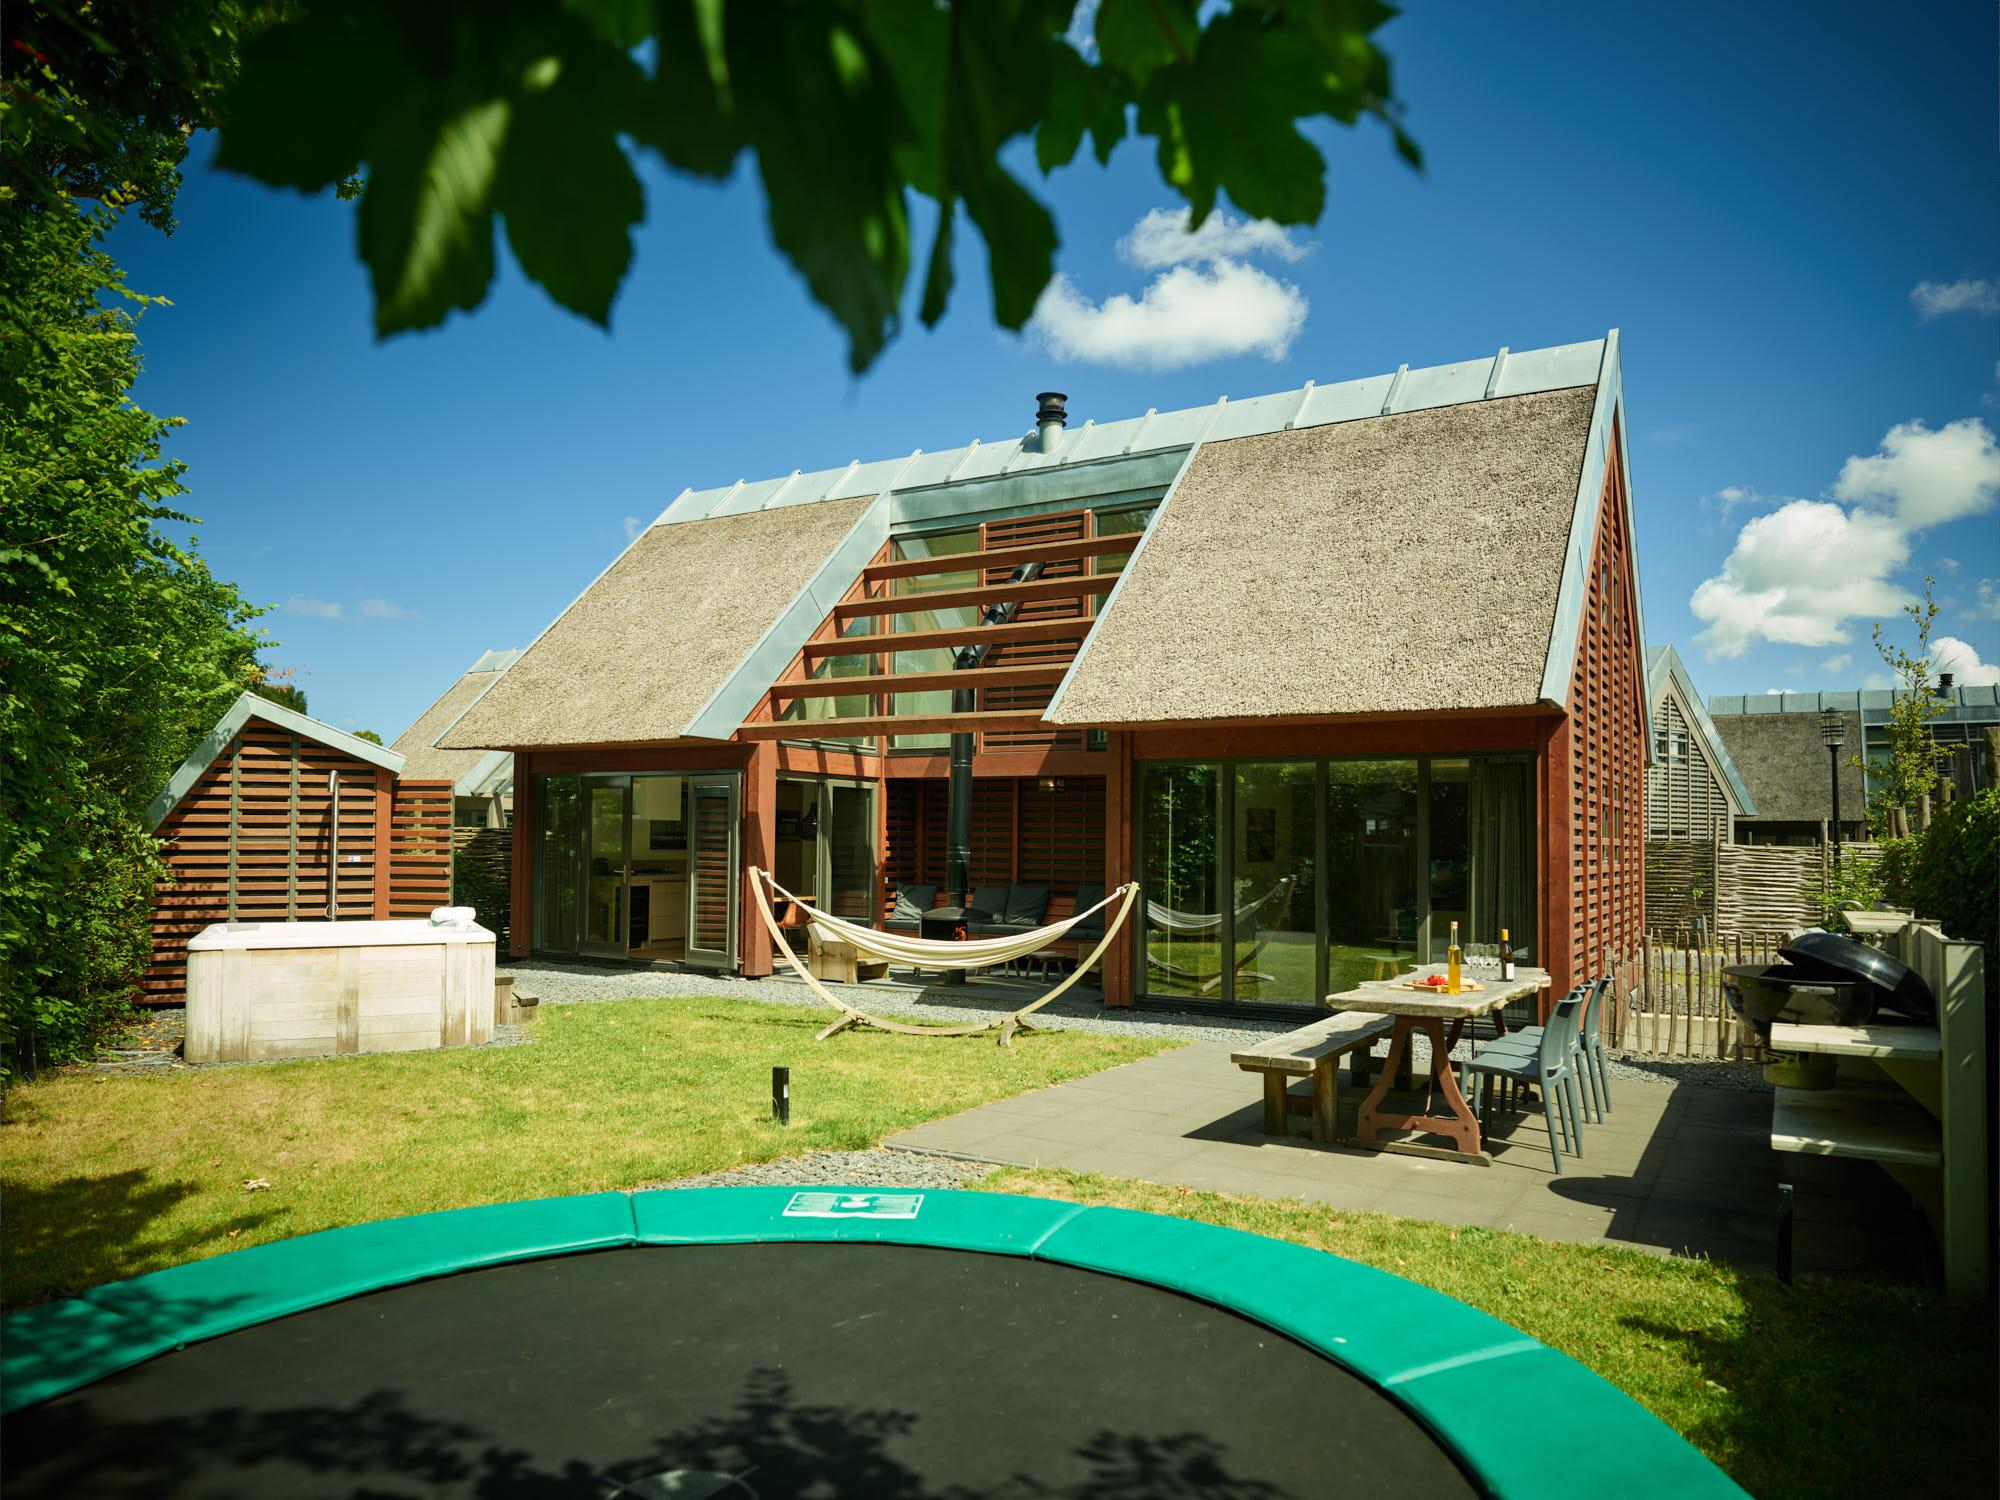 Luxe vakantiehuizen kleinschalige vakantieparken for Huisje met sauna en jacuzzi 2 personen